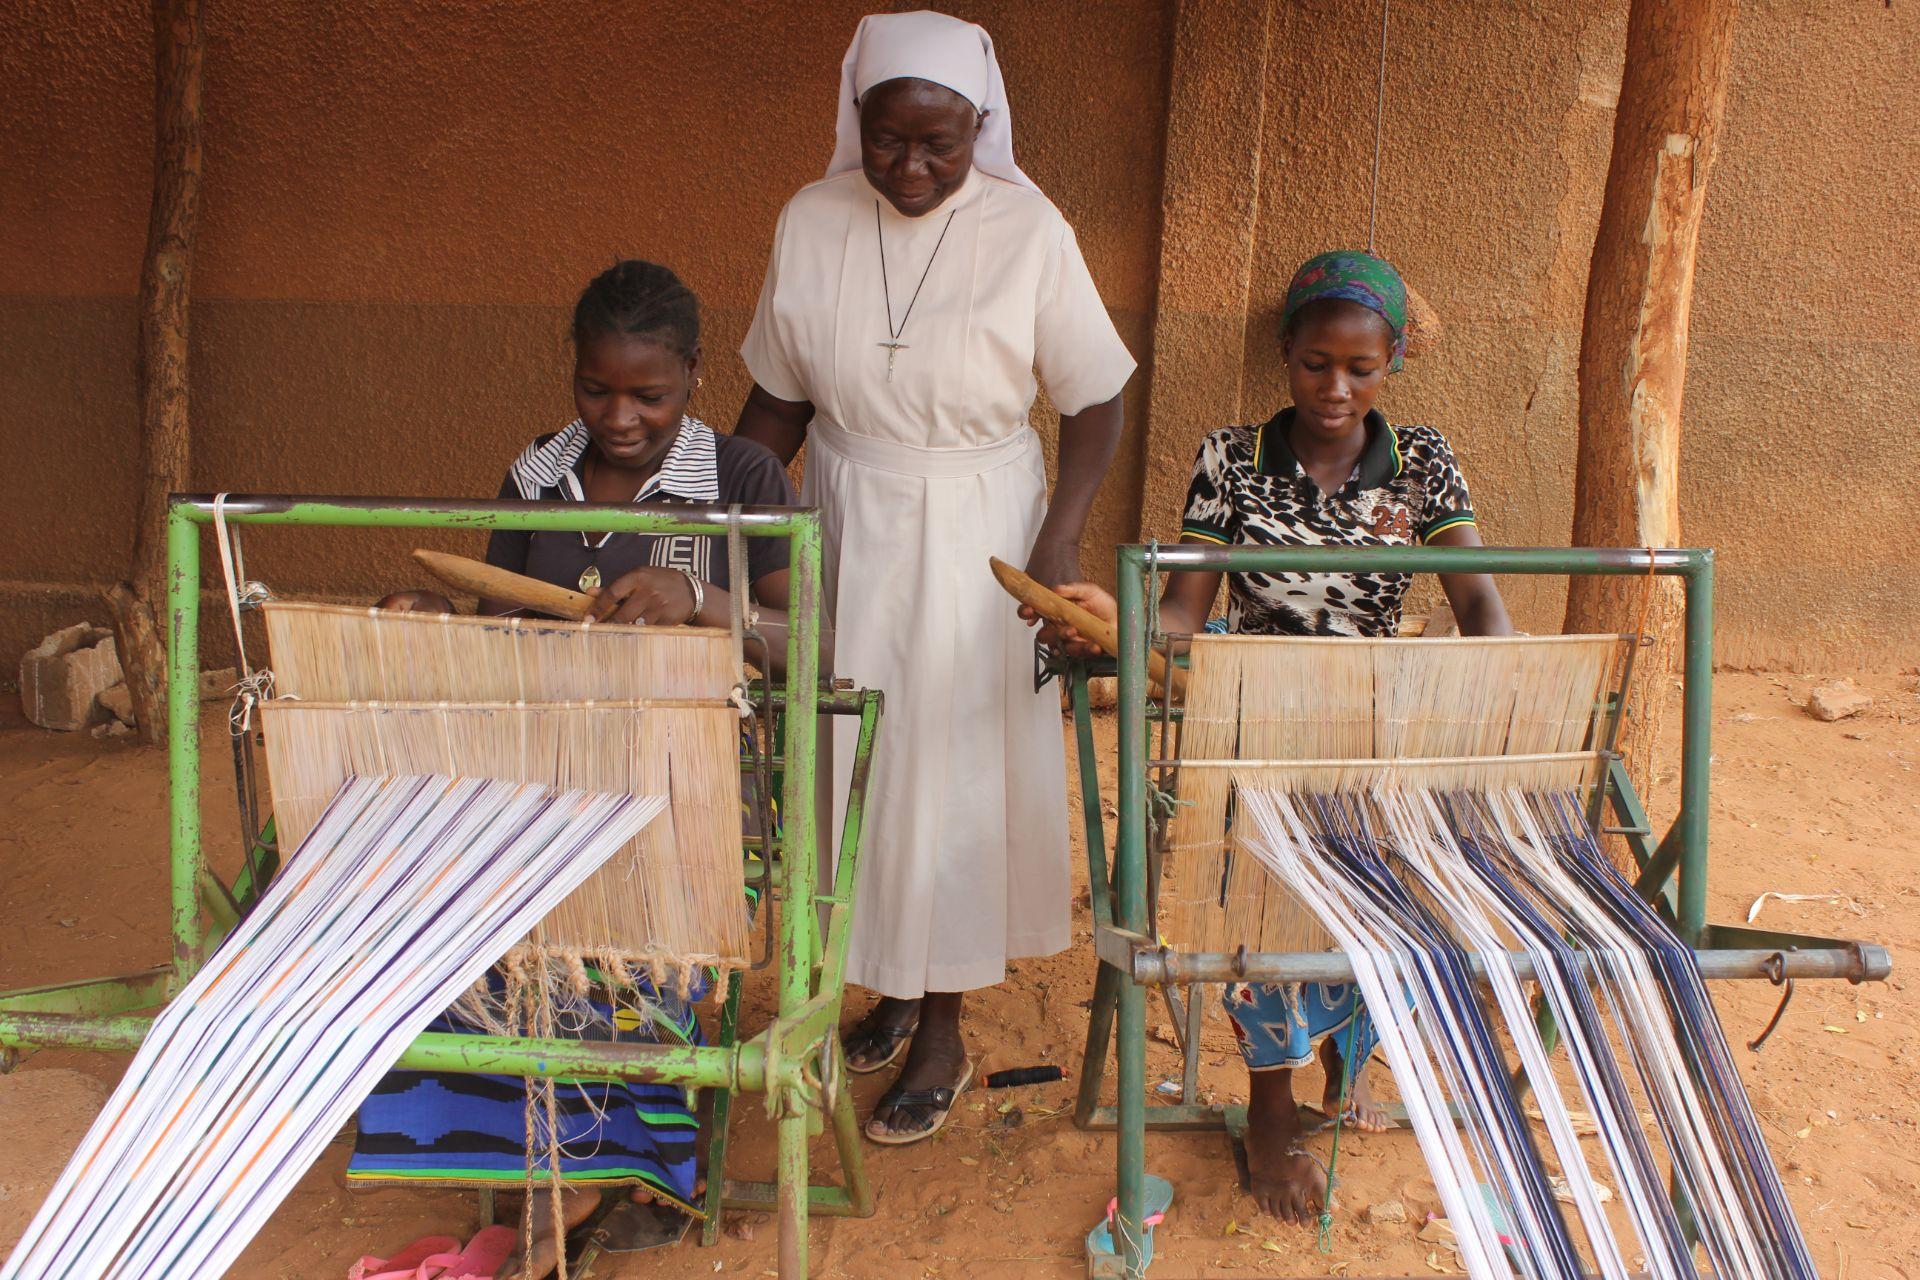 Aidez au développement d'un atelier de tissage au Burkina Faso